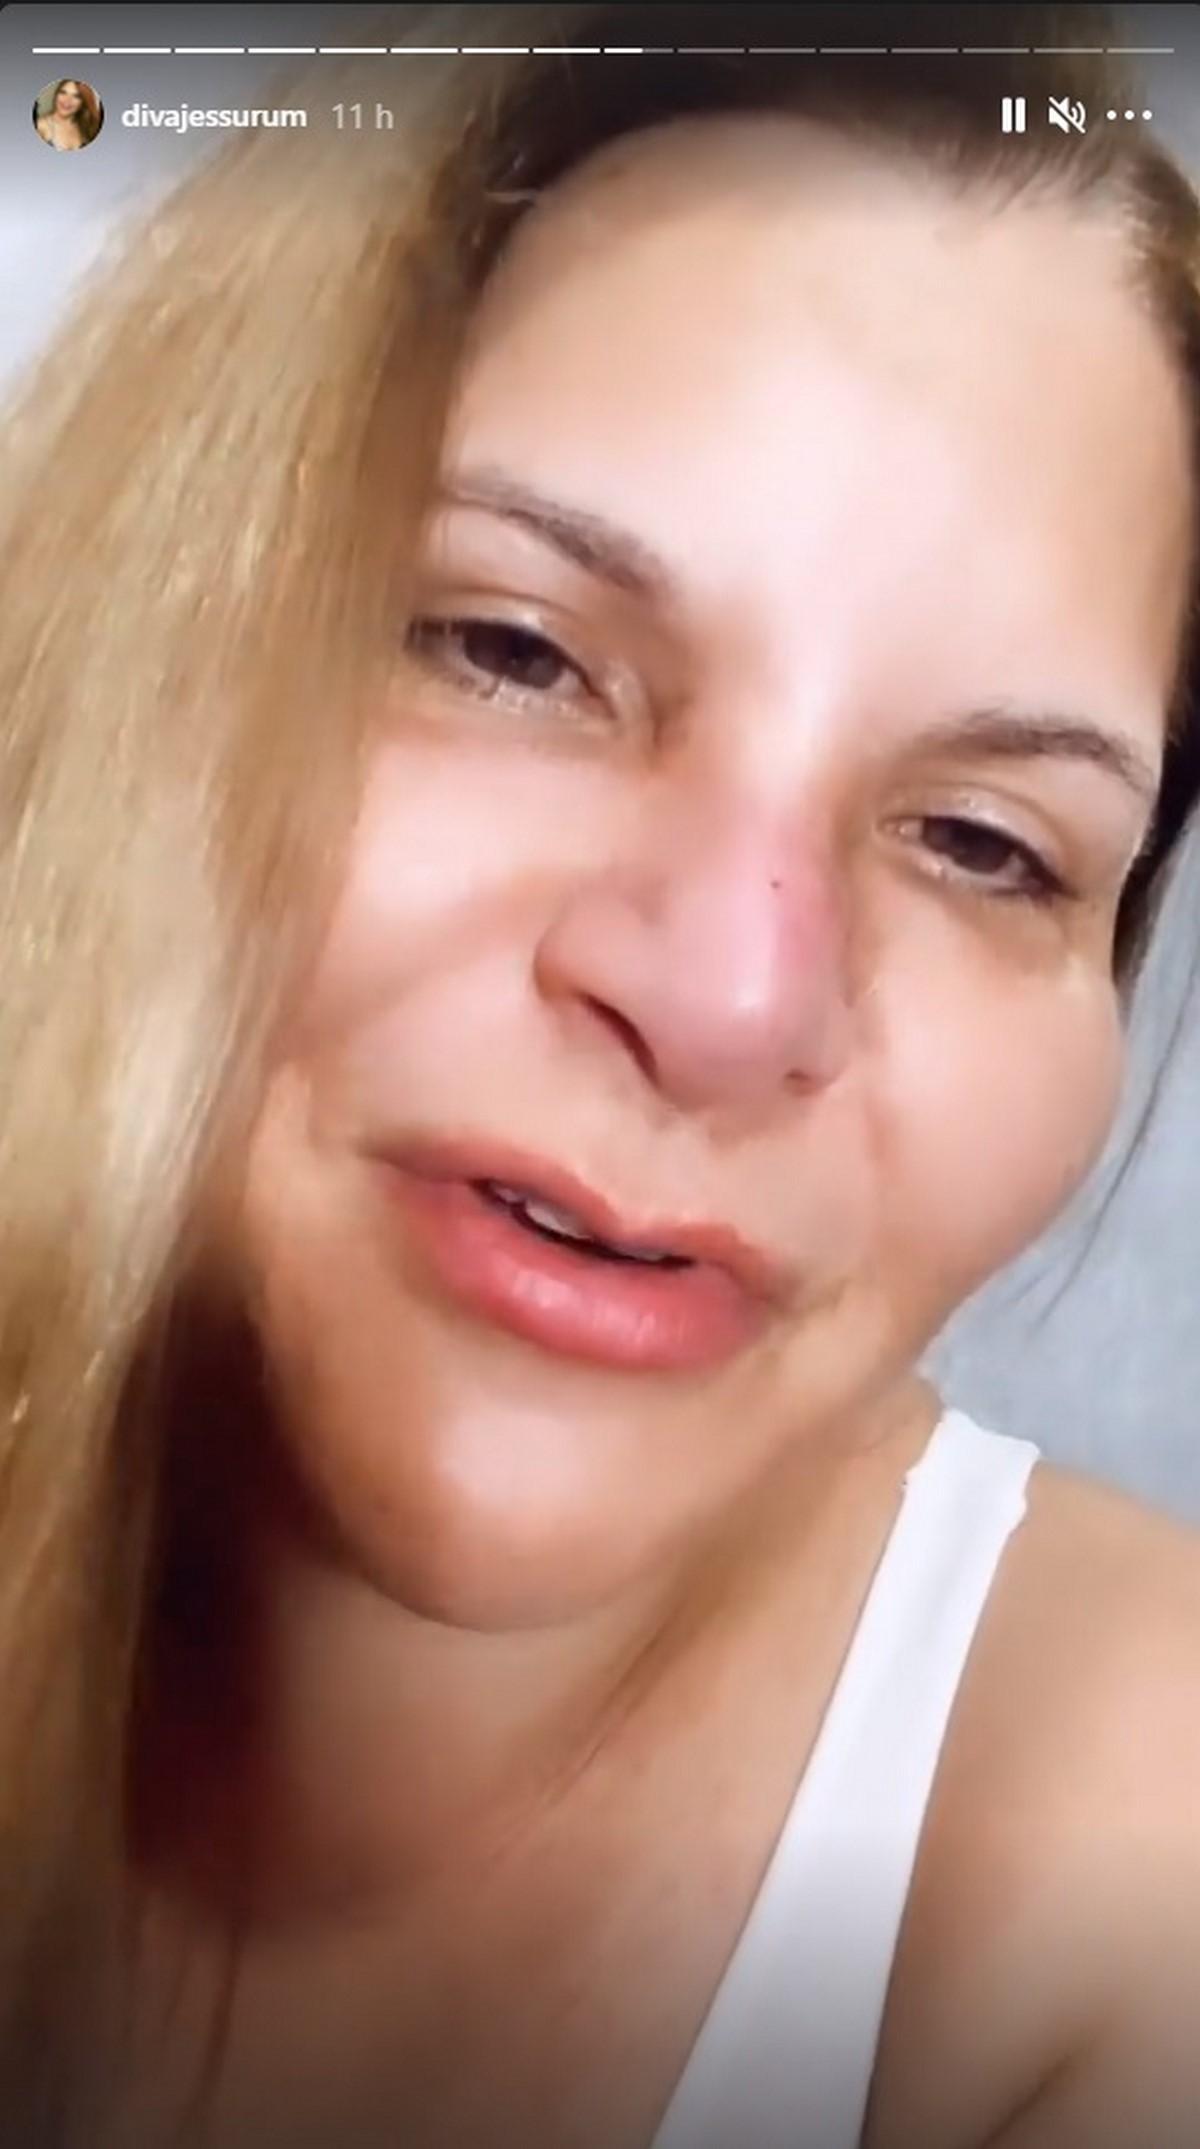 Diva Jessurum1